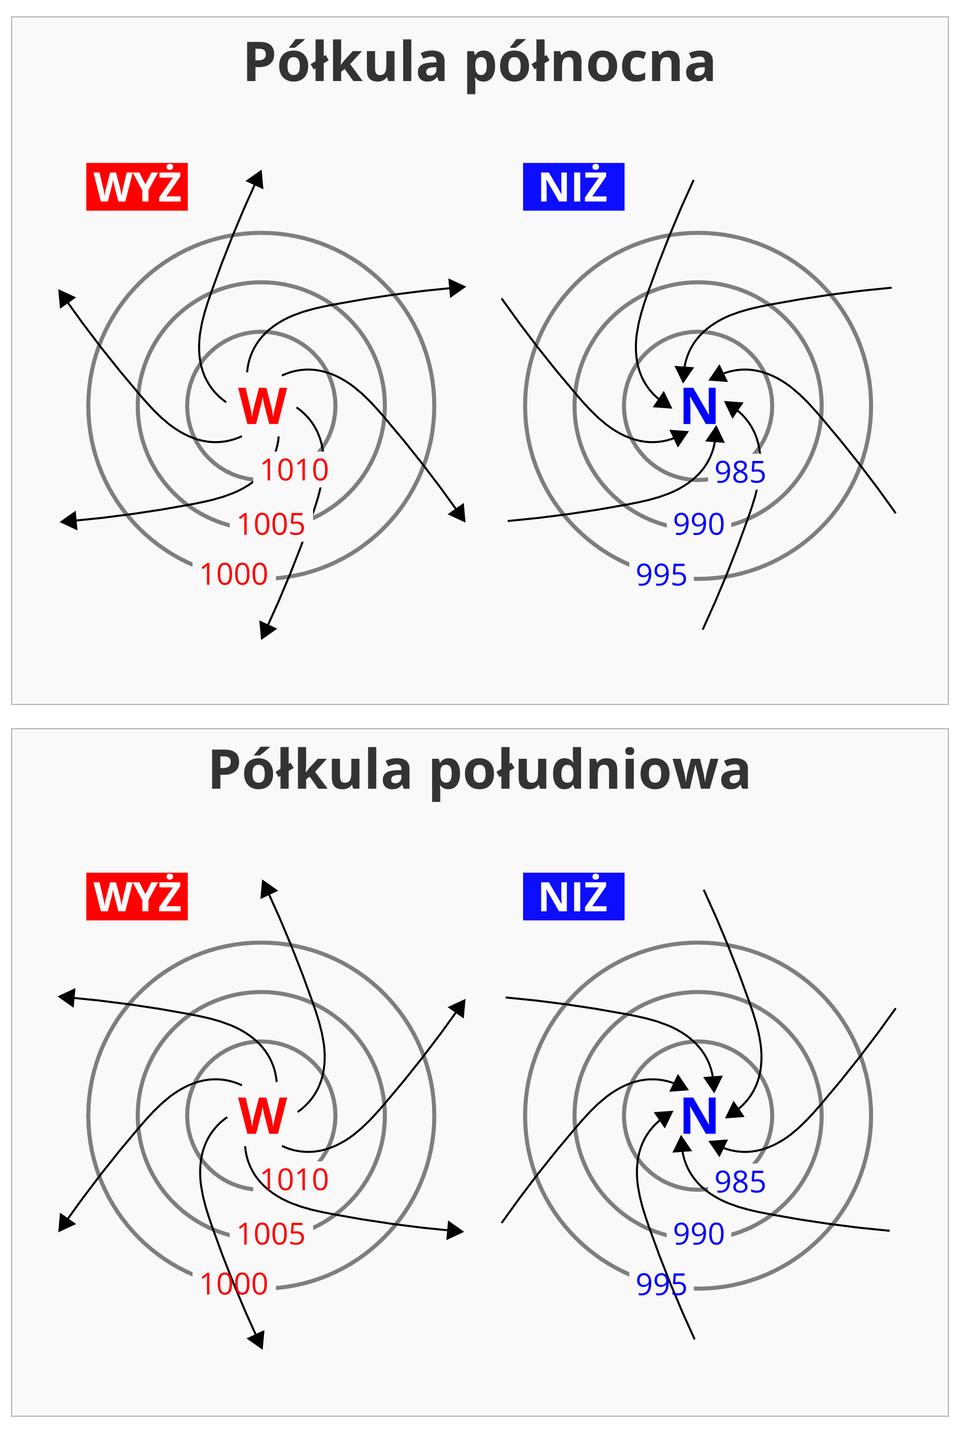 Ilustracja pierwsza – półkula północna. Zlewej strony wyż. Literą wu zaznaczony ośrodek wyżowy. Otoczono go trzema okręgami przedstawiającymi izobary owartościach malejących od tysiąc dziesięć wcentrum do tysiąc przy zewnętrznym okręgu. Kierunek wiatru zaznaczony czarnymi strzałkami przebiegającymi od środka wyżu na zewnątrz. Strzałki skręcają wkierunku zgodnym zruchem wskazówek zegara. Zprawej strony niż. Literą en zaznaczony ośrodek niżowy. Otoczono go trzema okręgami przedstawiającymi izobary owartościach rosnących od dziewięćset osiemdziesiąt pięć wcentrum do dziewięćset dziewięćdziesiąt pięć przy zewnętrznym okręgu. Kierunek wiatru zaznaczony czarnymi strzałkami przebiegającymi od zewnątrz wkierunku środka niżu. Strzałki skręcają wkierunku przeciwnym do ruchu wskazówek zegara. Ilustracja druga – półkula południowa. Zlewej strony wyż. Literą wu zaznaczony ośrodek wyżowy. Otoczono go trzema okręgami przedstawiającymi izobary owartościach malejących od tysiąc dziesięć wcentrum do tysiąc przy zewnętrznym okręgu. Kierunek wiatru zaznaczony czarnymi strzałkami przebiegającymi od środka wyżu na zewnątrz. Strzałki skręcają wkierunku przeciwnym do ruchu wskazówek zegara. Zprawej strony niż. Literą en zaznaczony ośrodek niżowy. Otoczono go trzema okręgami przedstawiającymi izobary owartościach rosnących od dziewięćset osiemdziesiąt pięć wcentrum do dziewięćset dziewięćdziesiąt pięć przy zewnętrznym okręgu . Kierunek wiatru zaznaczony czarnymi strzałkami przebiegającymi od zewnątrz wkierunku środka niżu. Strzałki skręcają wkierunku zgodnym zruchem wskazówek zegara.